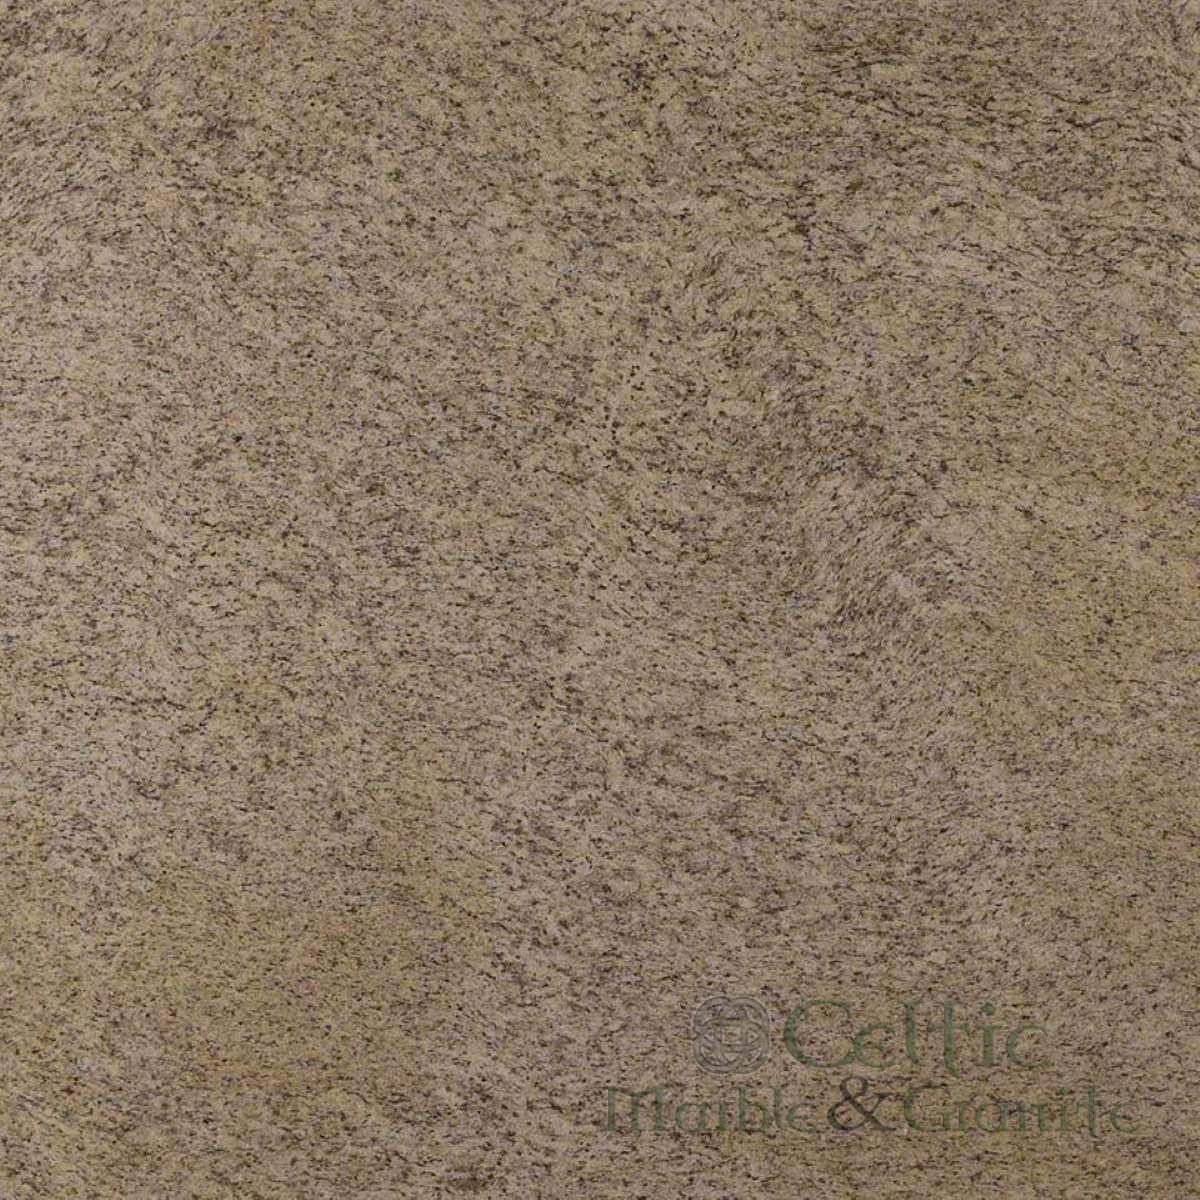 amarello-ornamental-granite_1